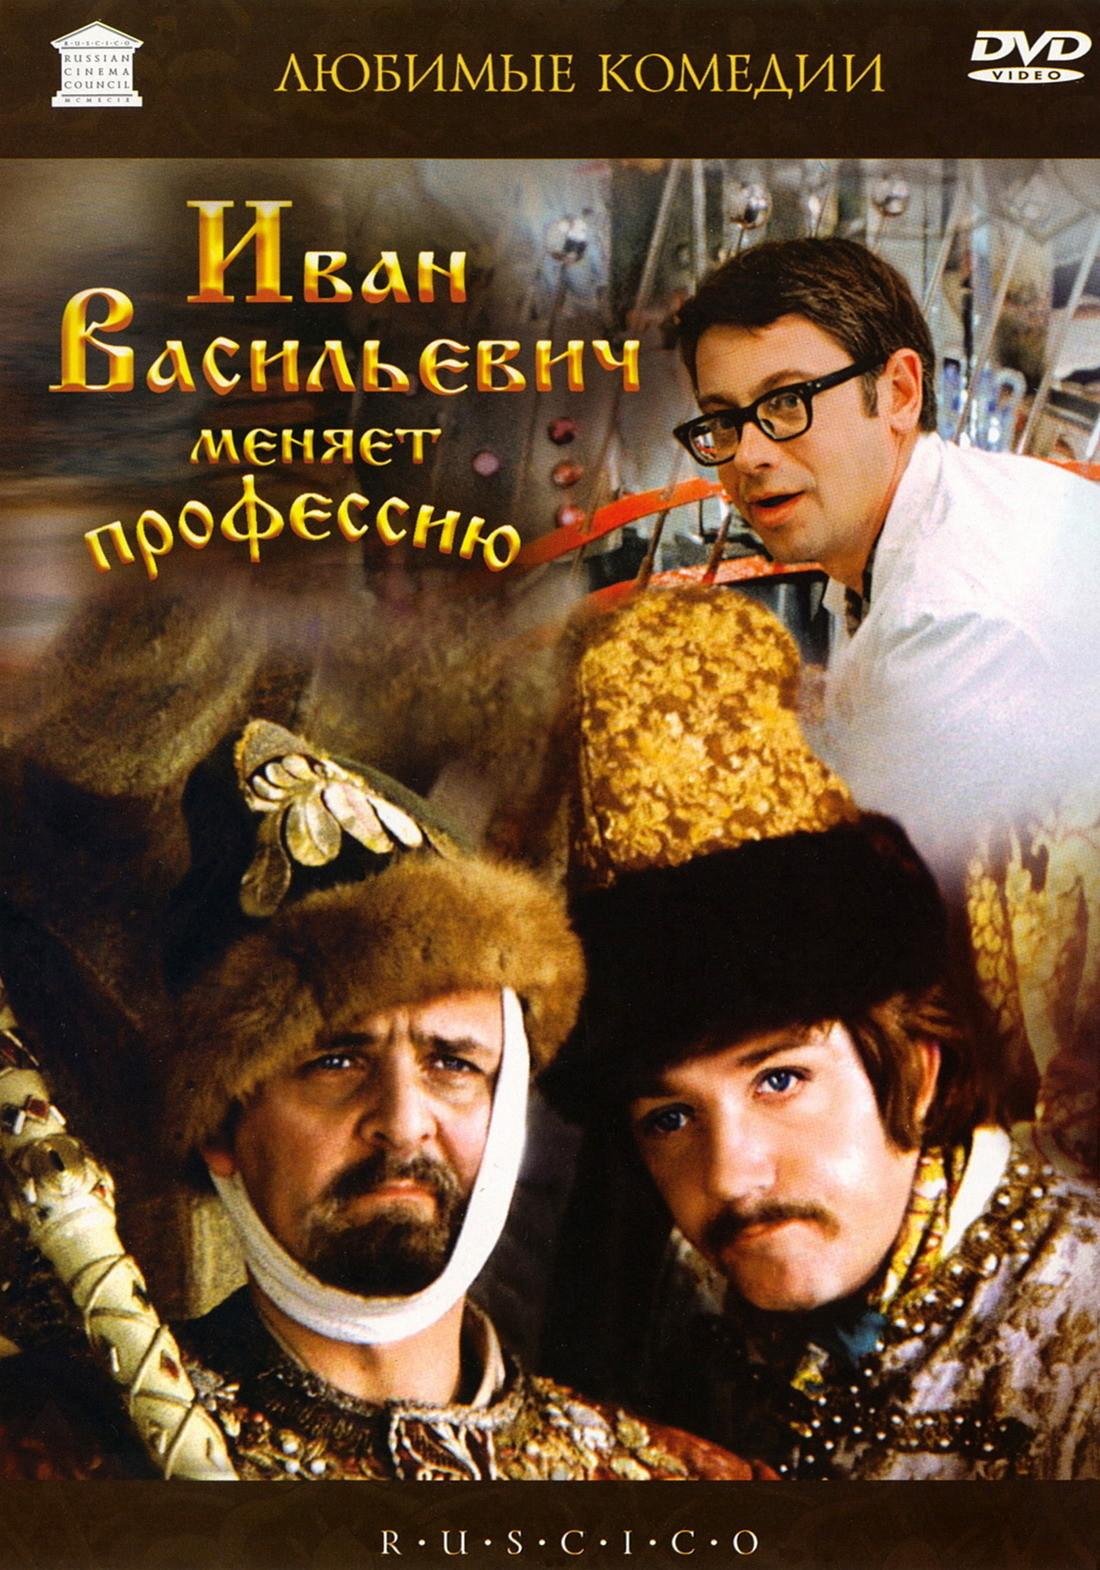 фото из фильма иван васильевич меняет профессию царя